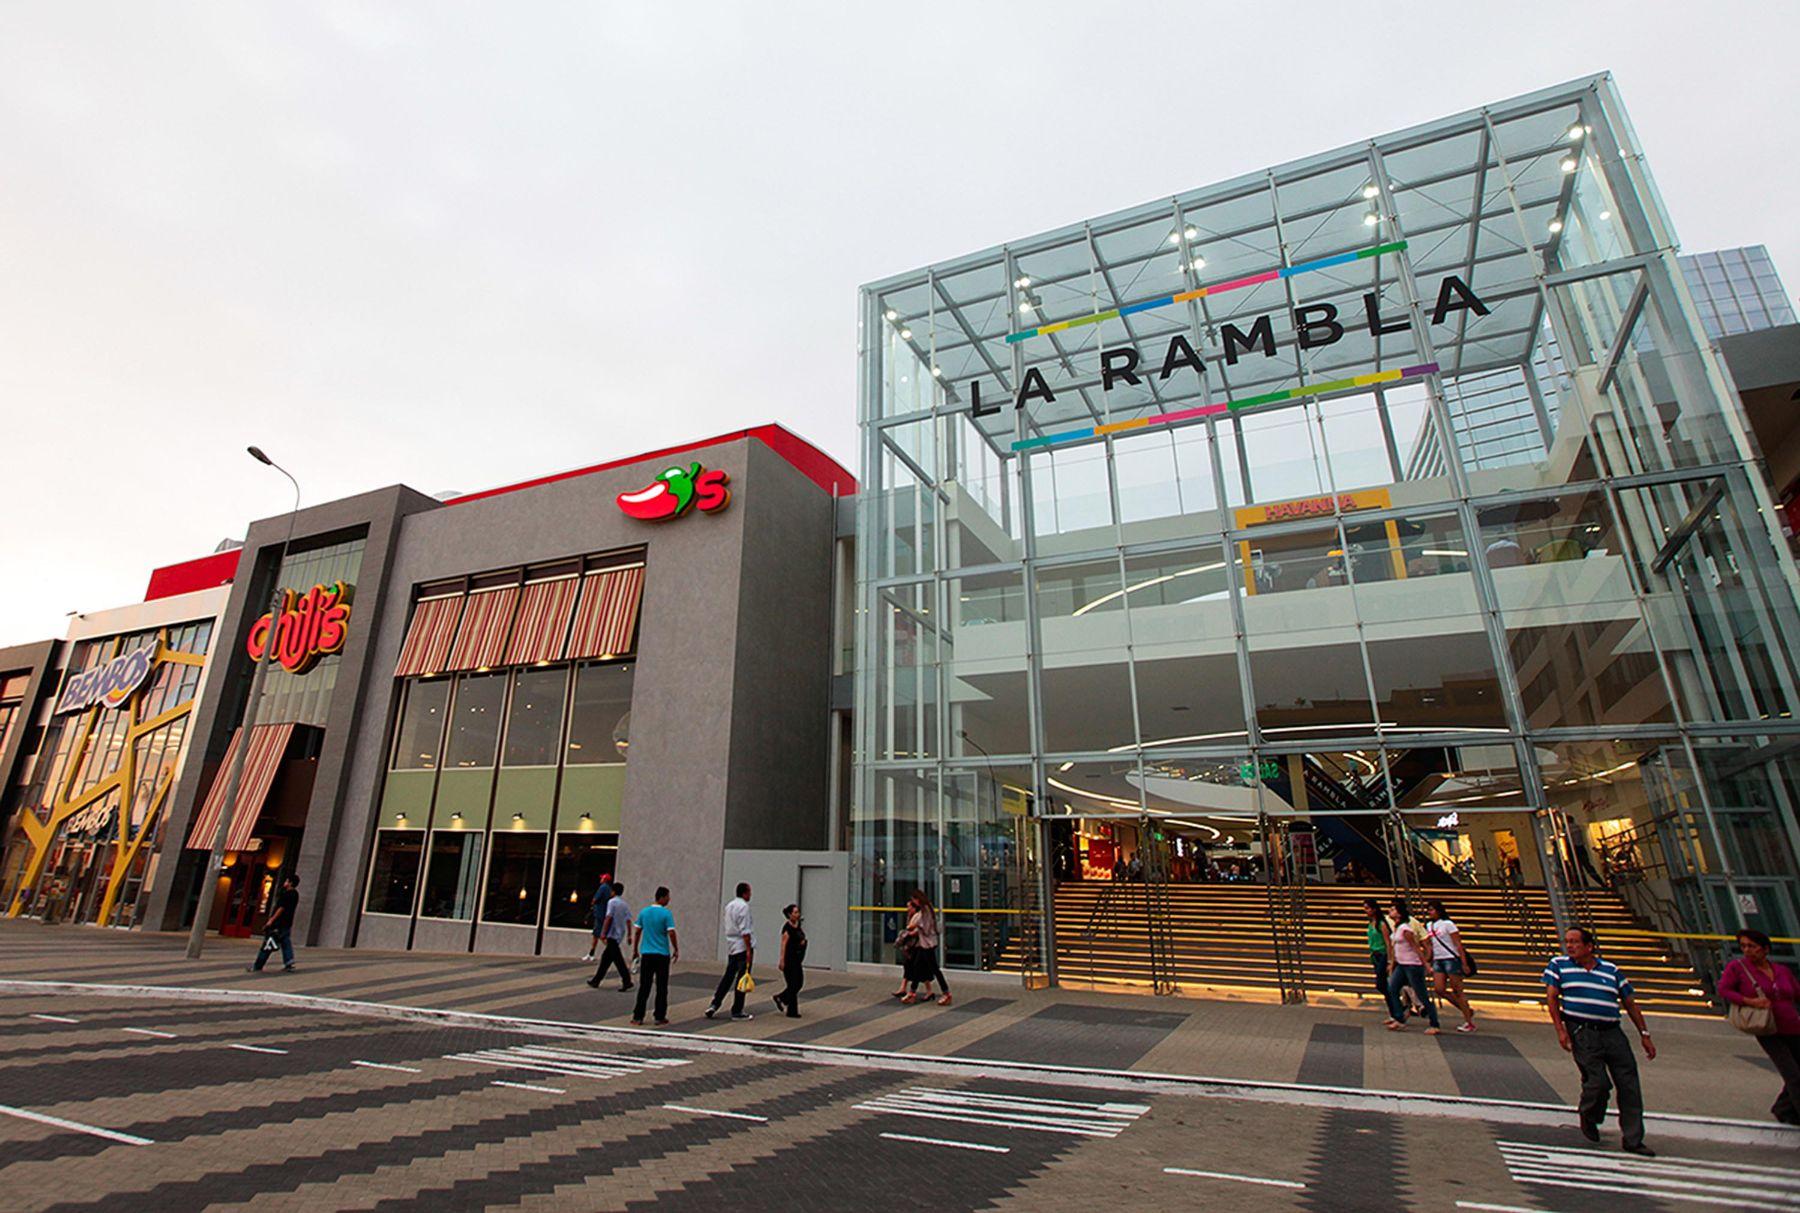 La Rambla San Borja - ¿Qué actividades realizarán los malls por el Día de la Madre?